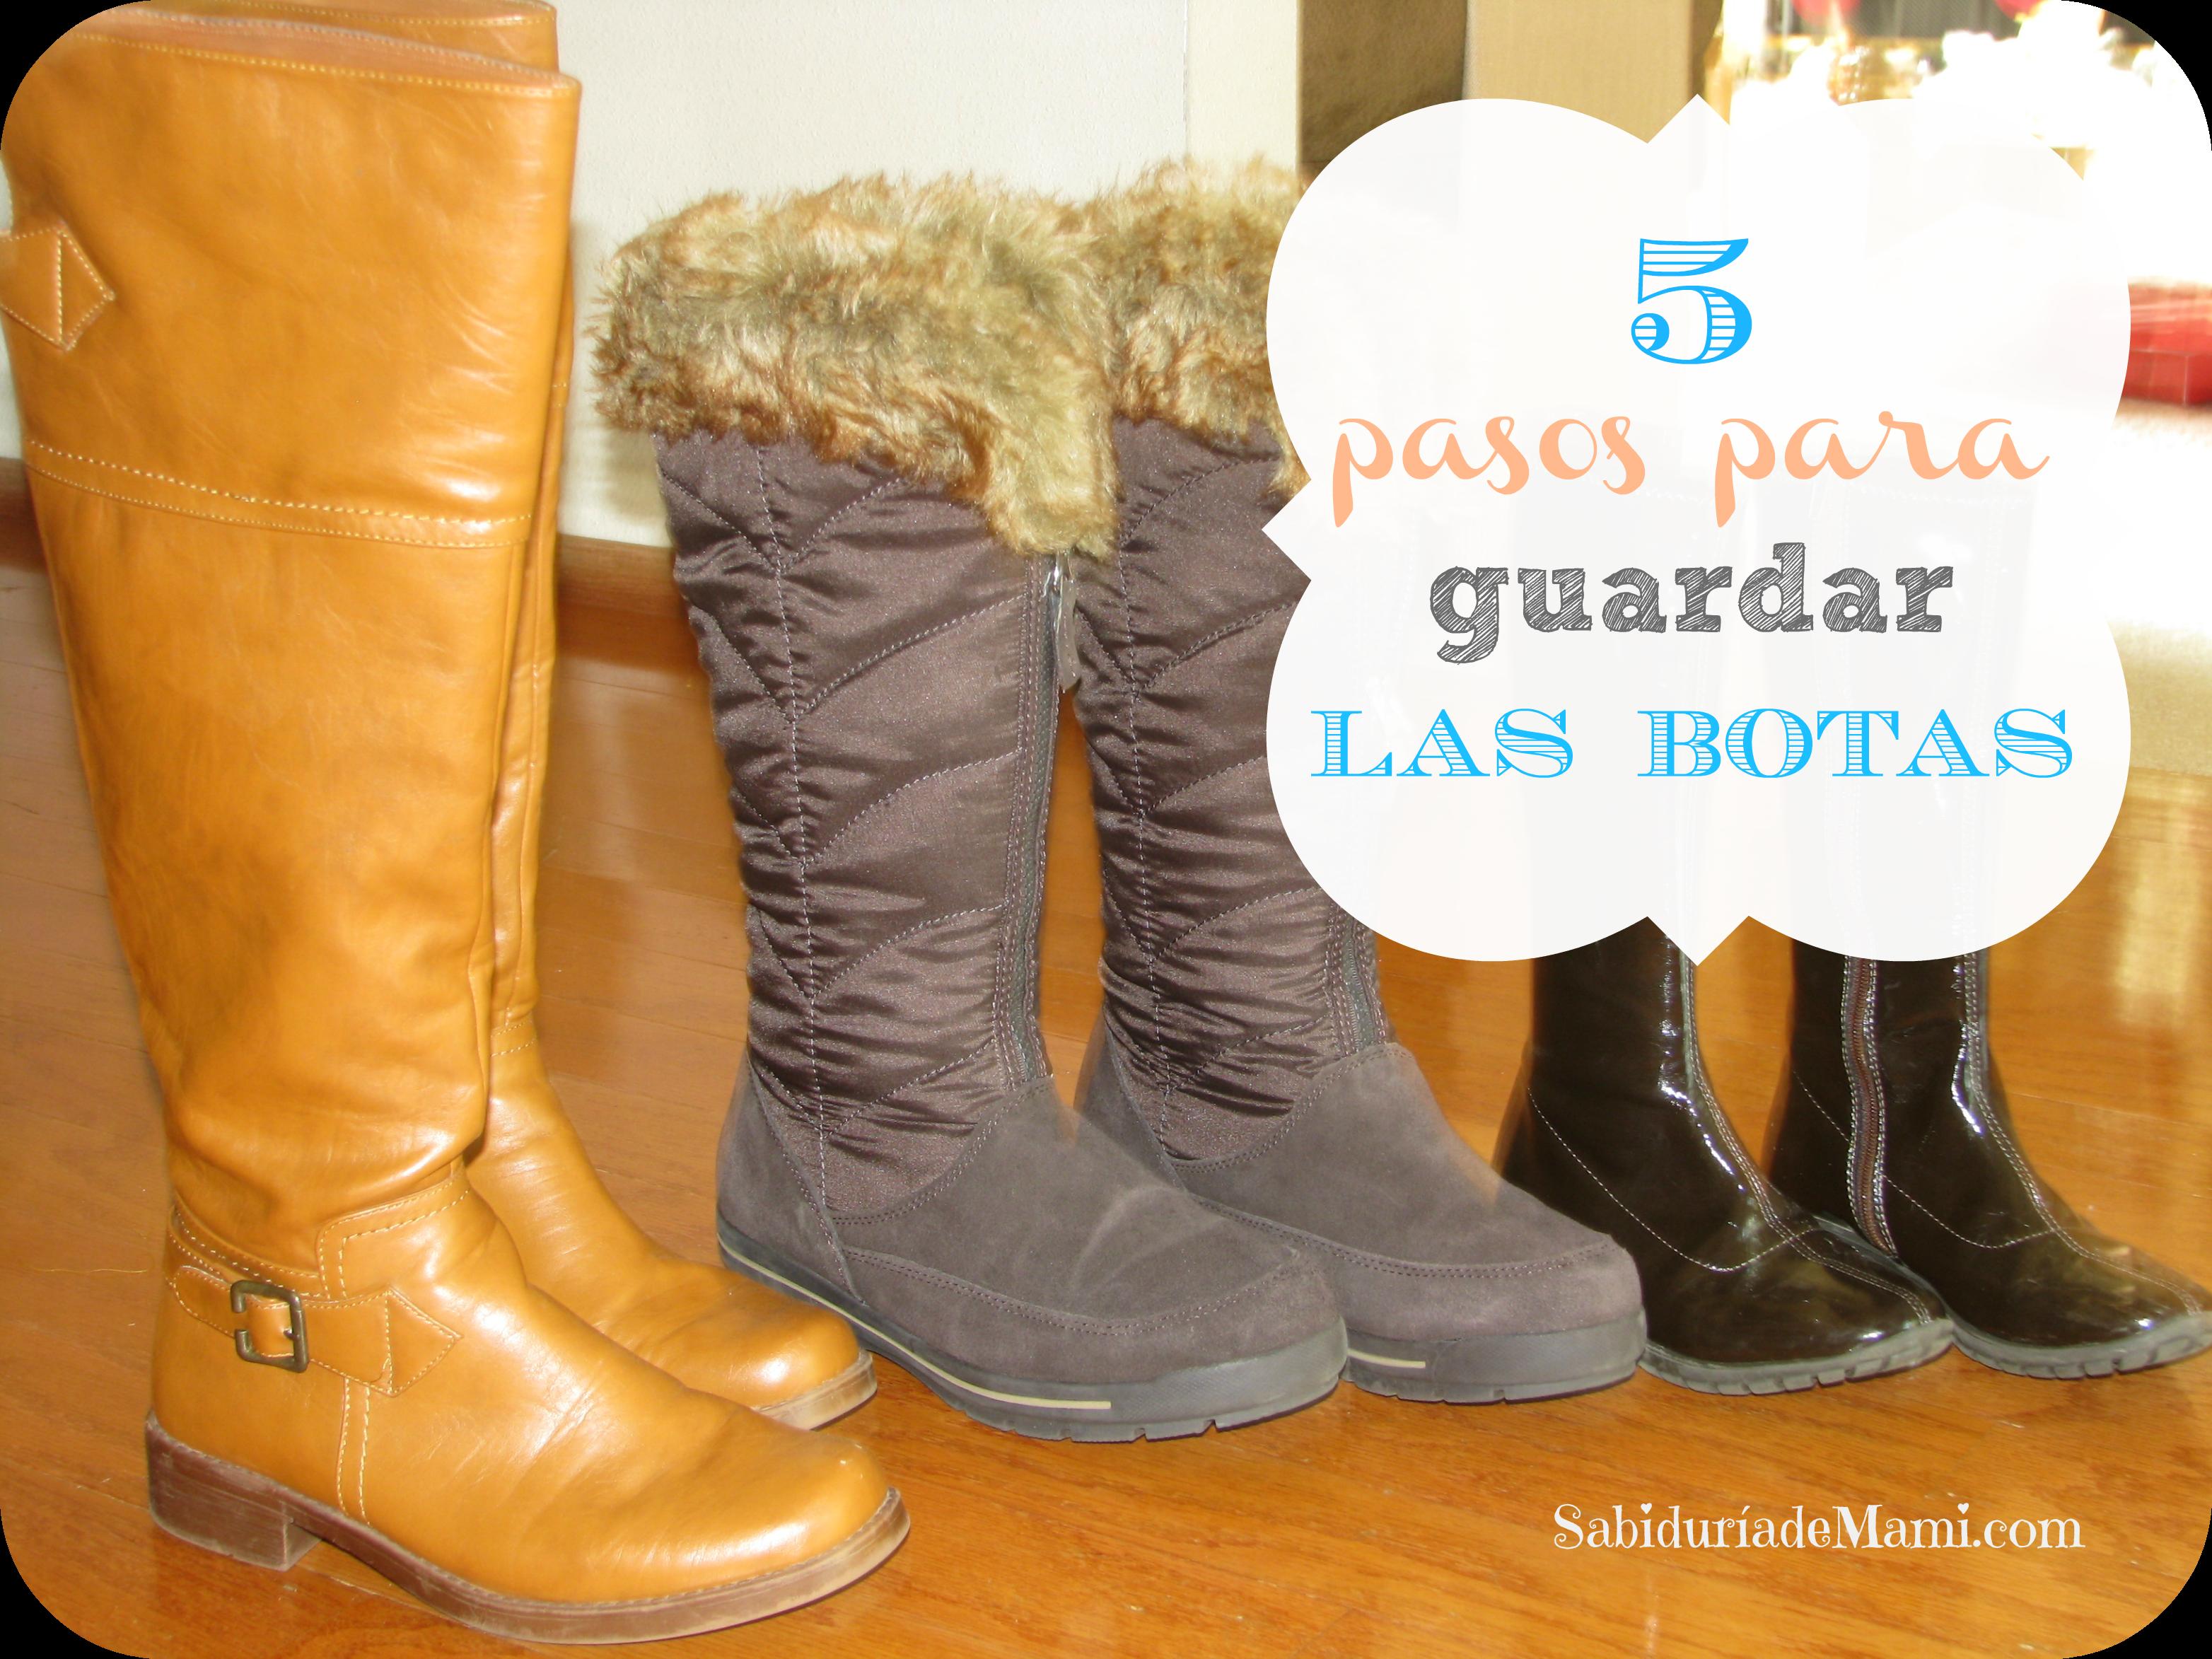 5 sabitips f ciles para guardar las botas sabidur a de mami - Como guardar zapatos ...